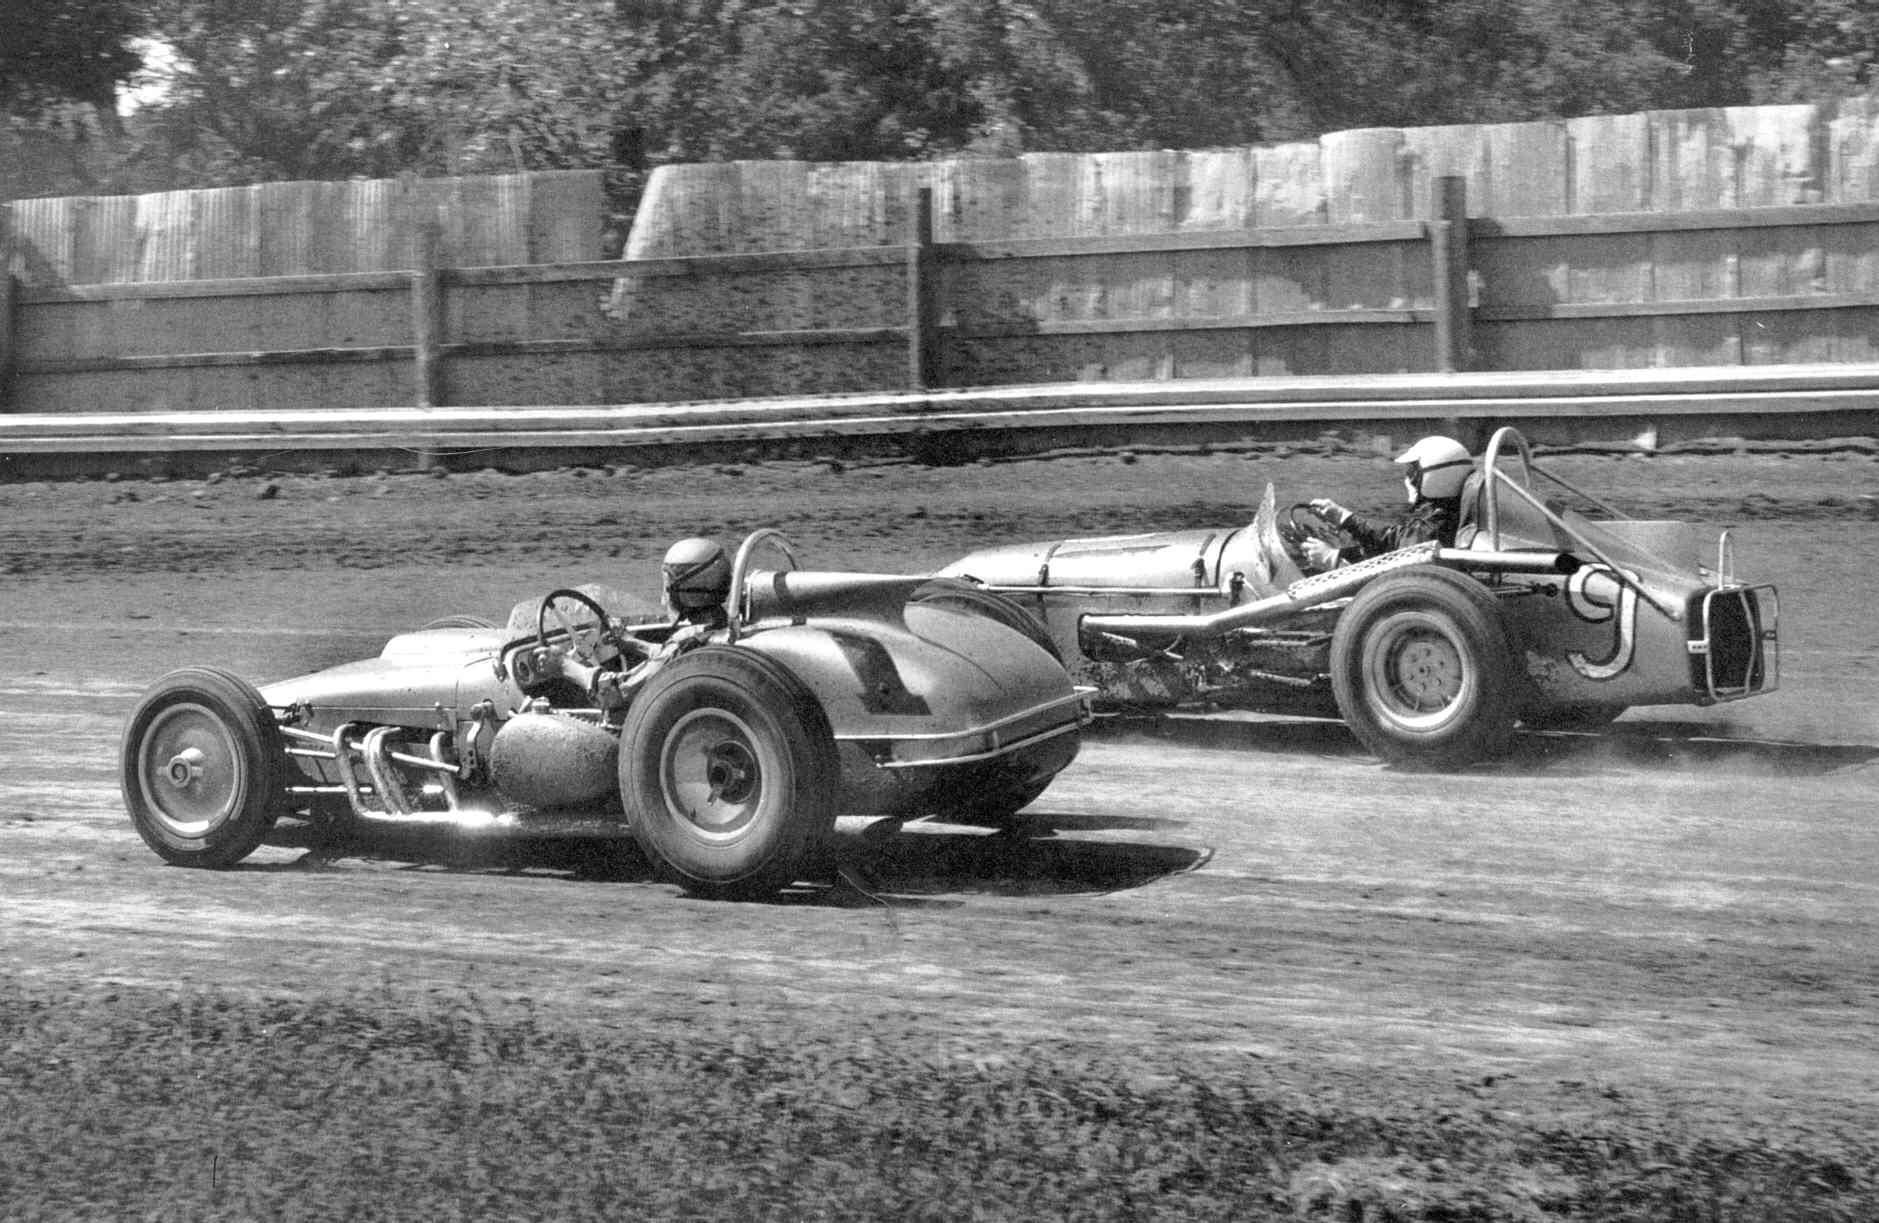 1960 Norton, Kansas